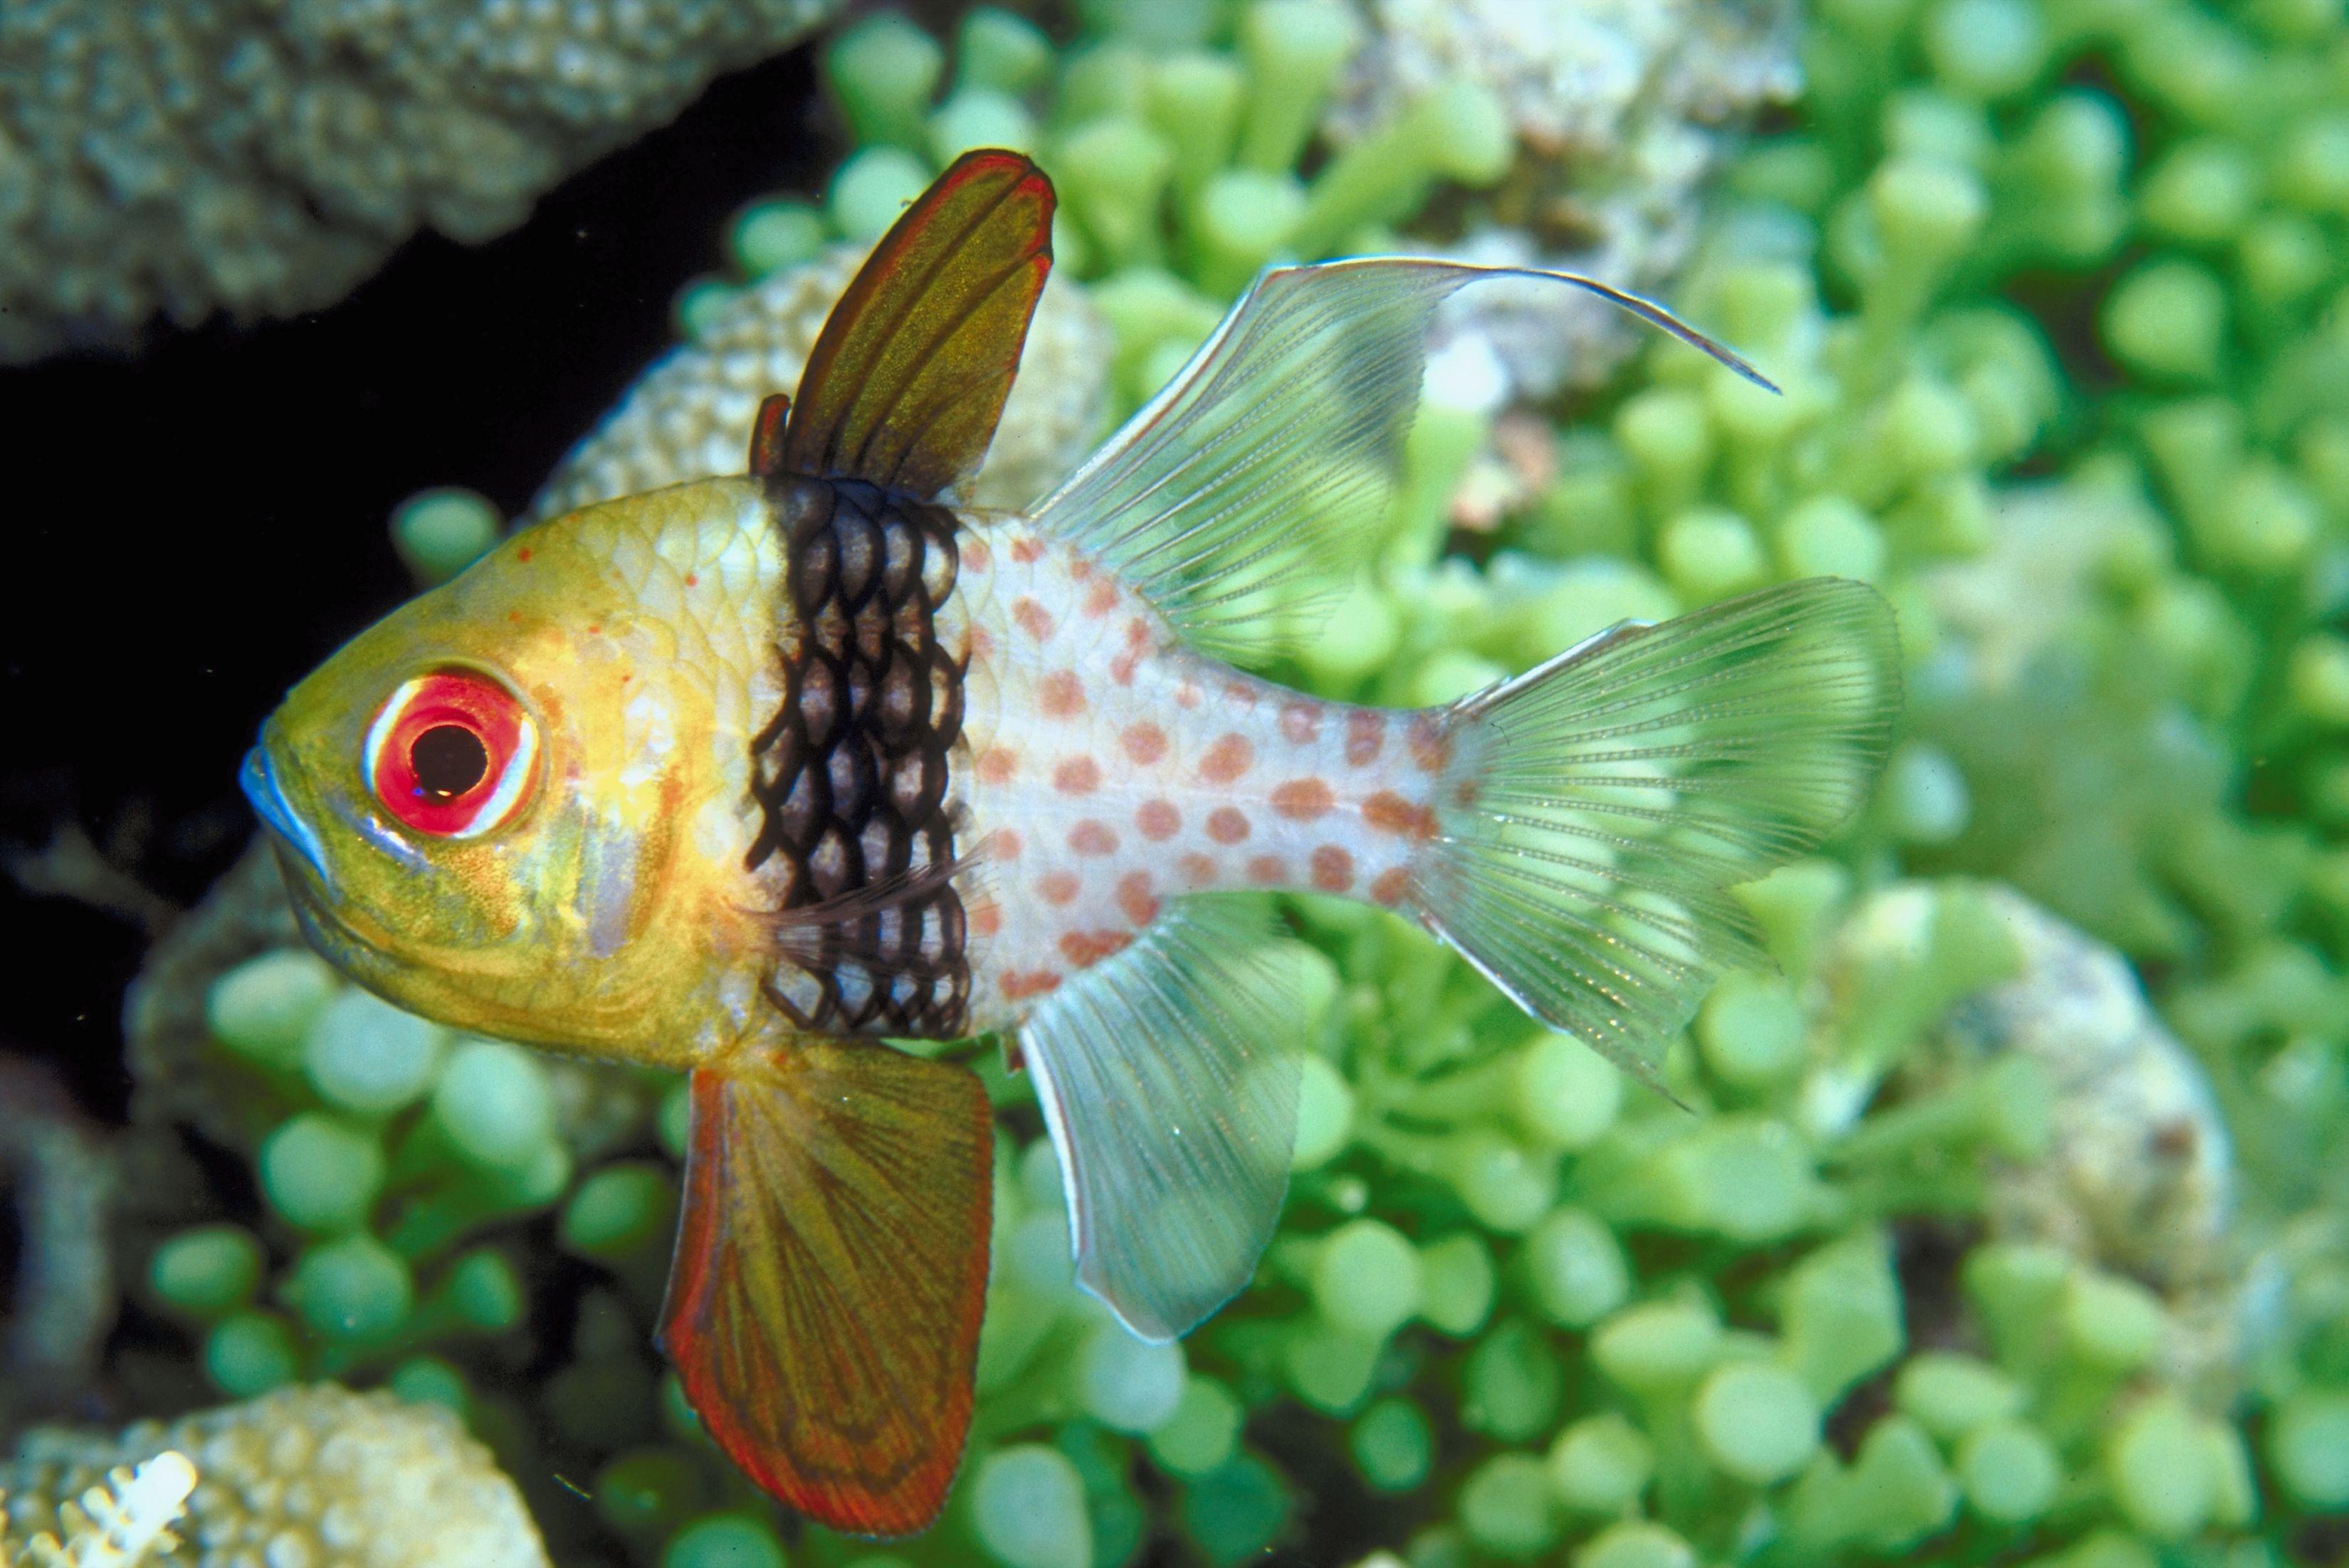 Explore fish life in Palau